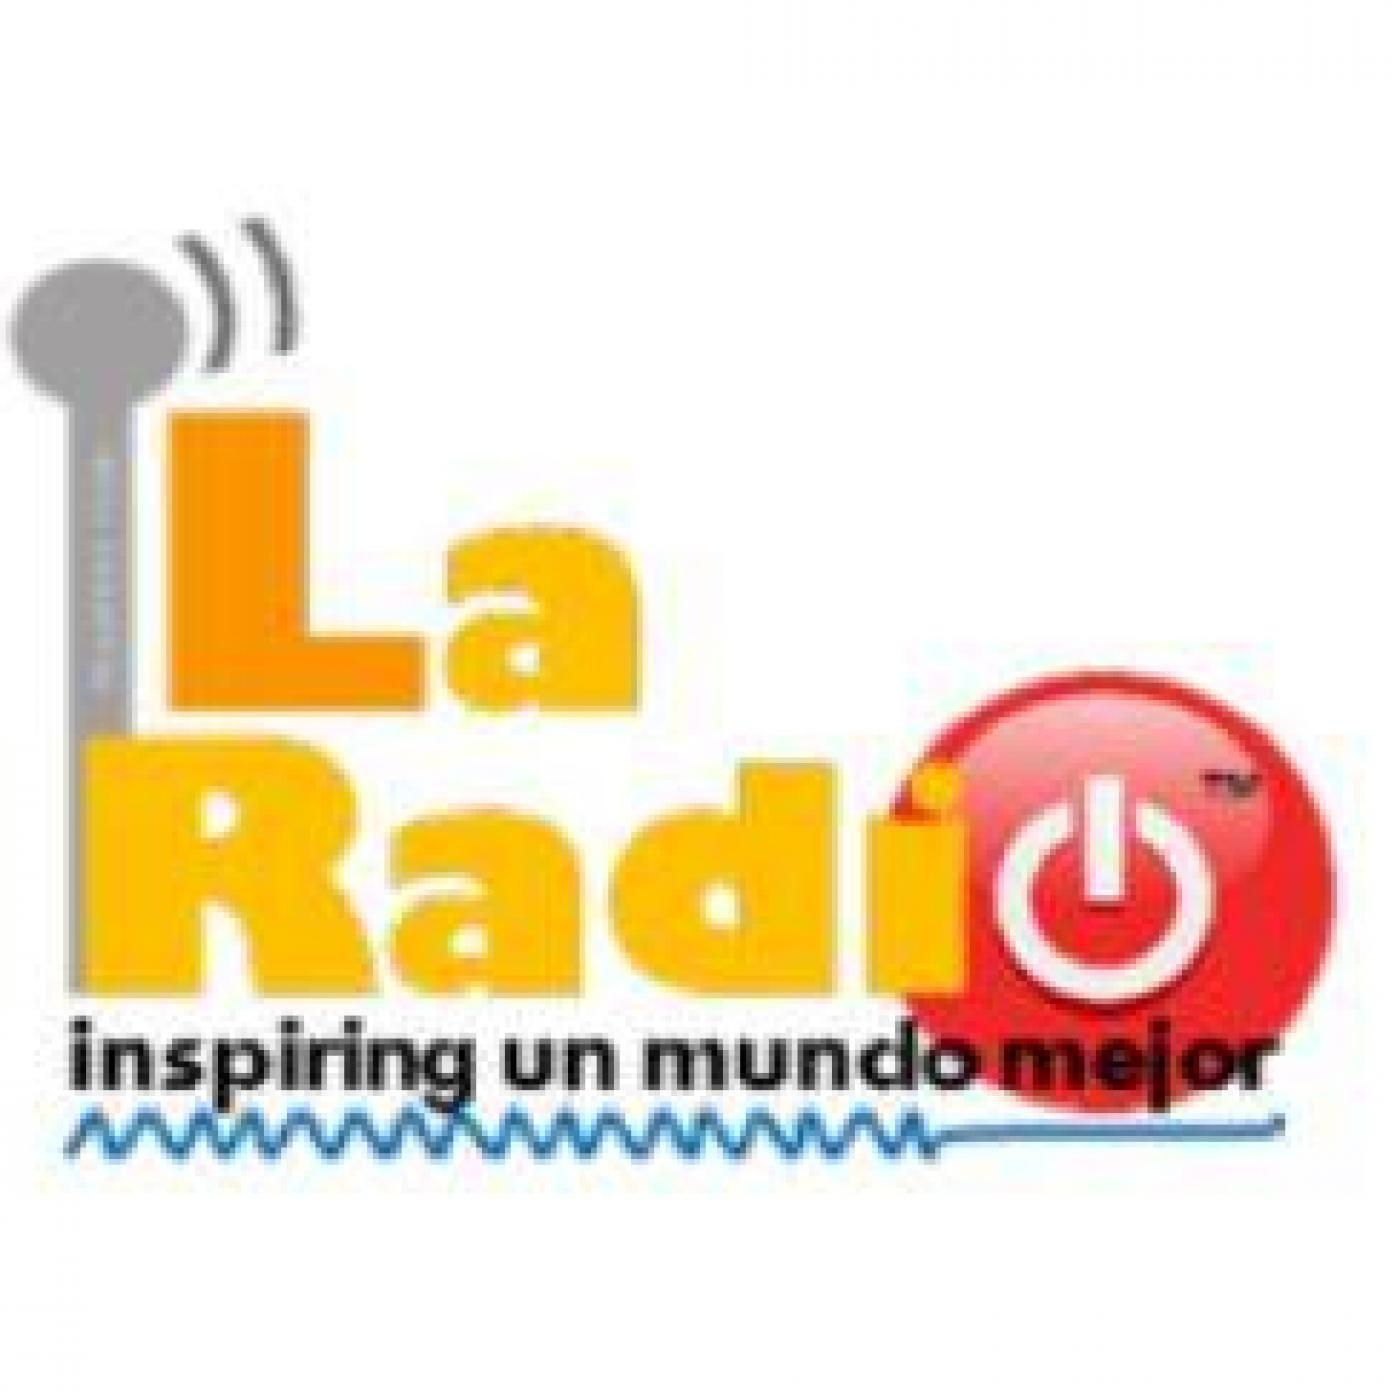 <![CDATA[LaRadio Morning Show MundoNet Radio New York ]]>